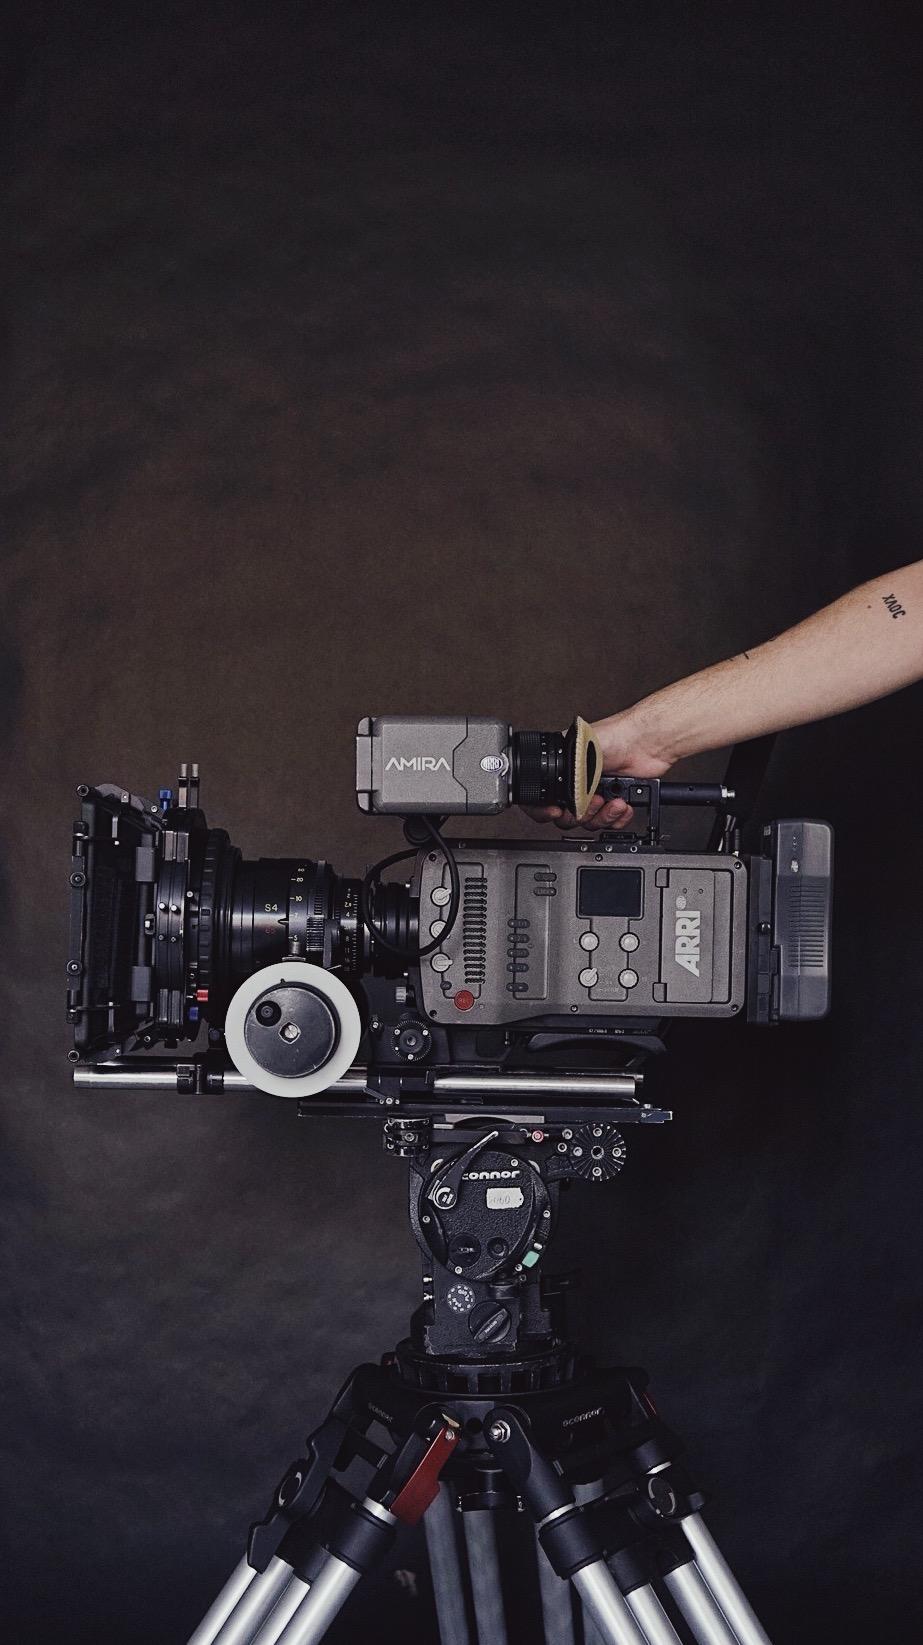 LENSO FILM - Film equipment rental based in Madrid, Spain